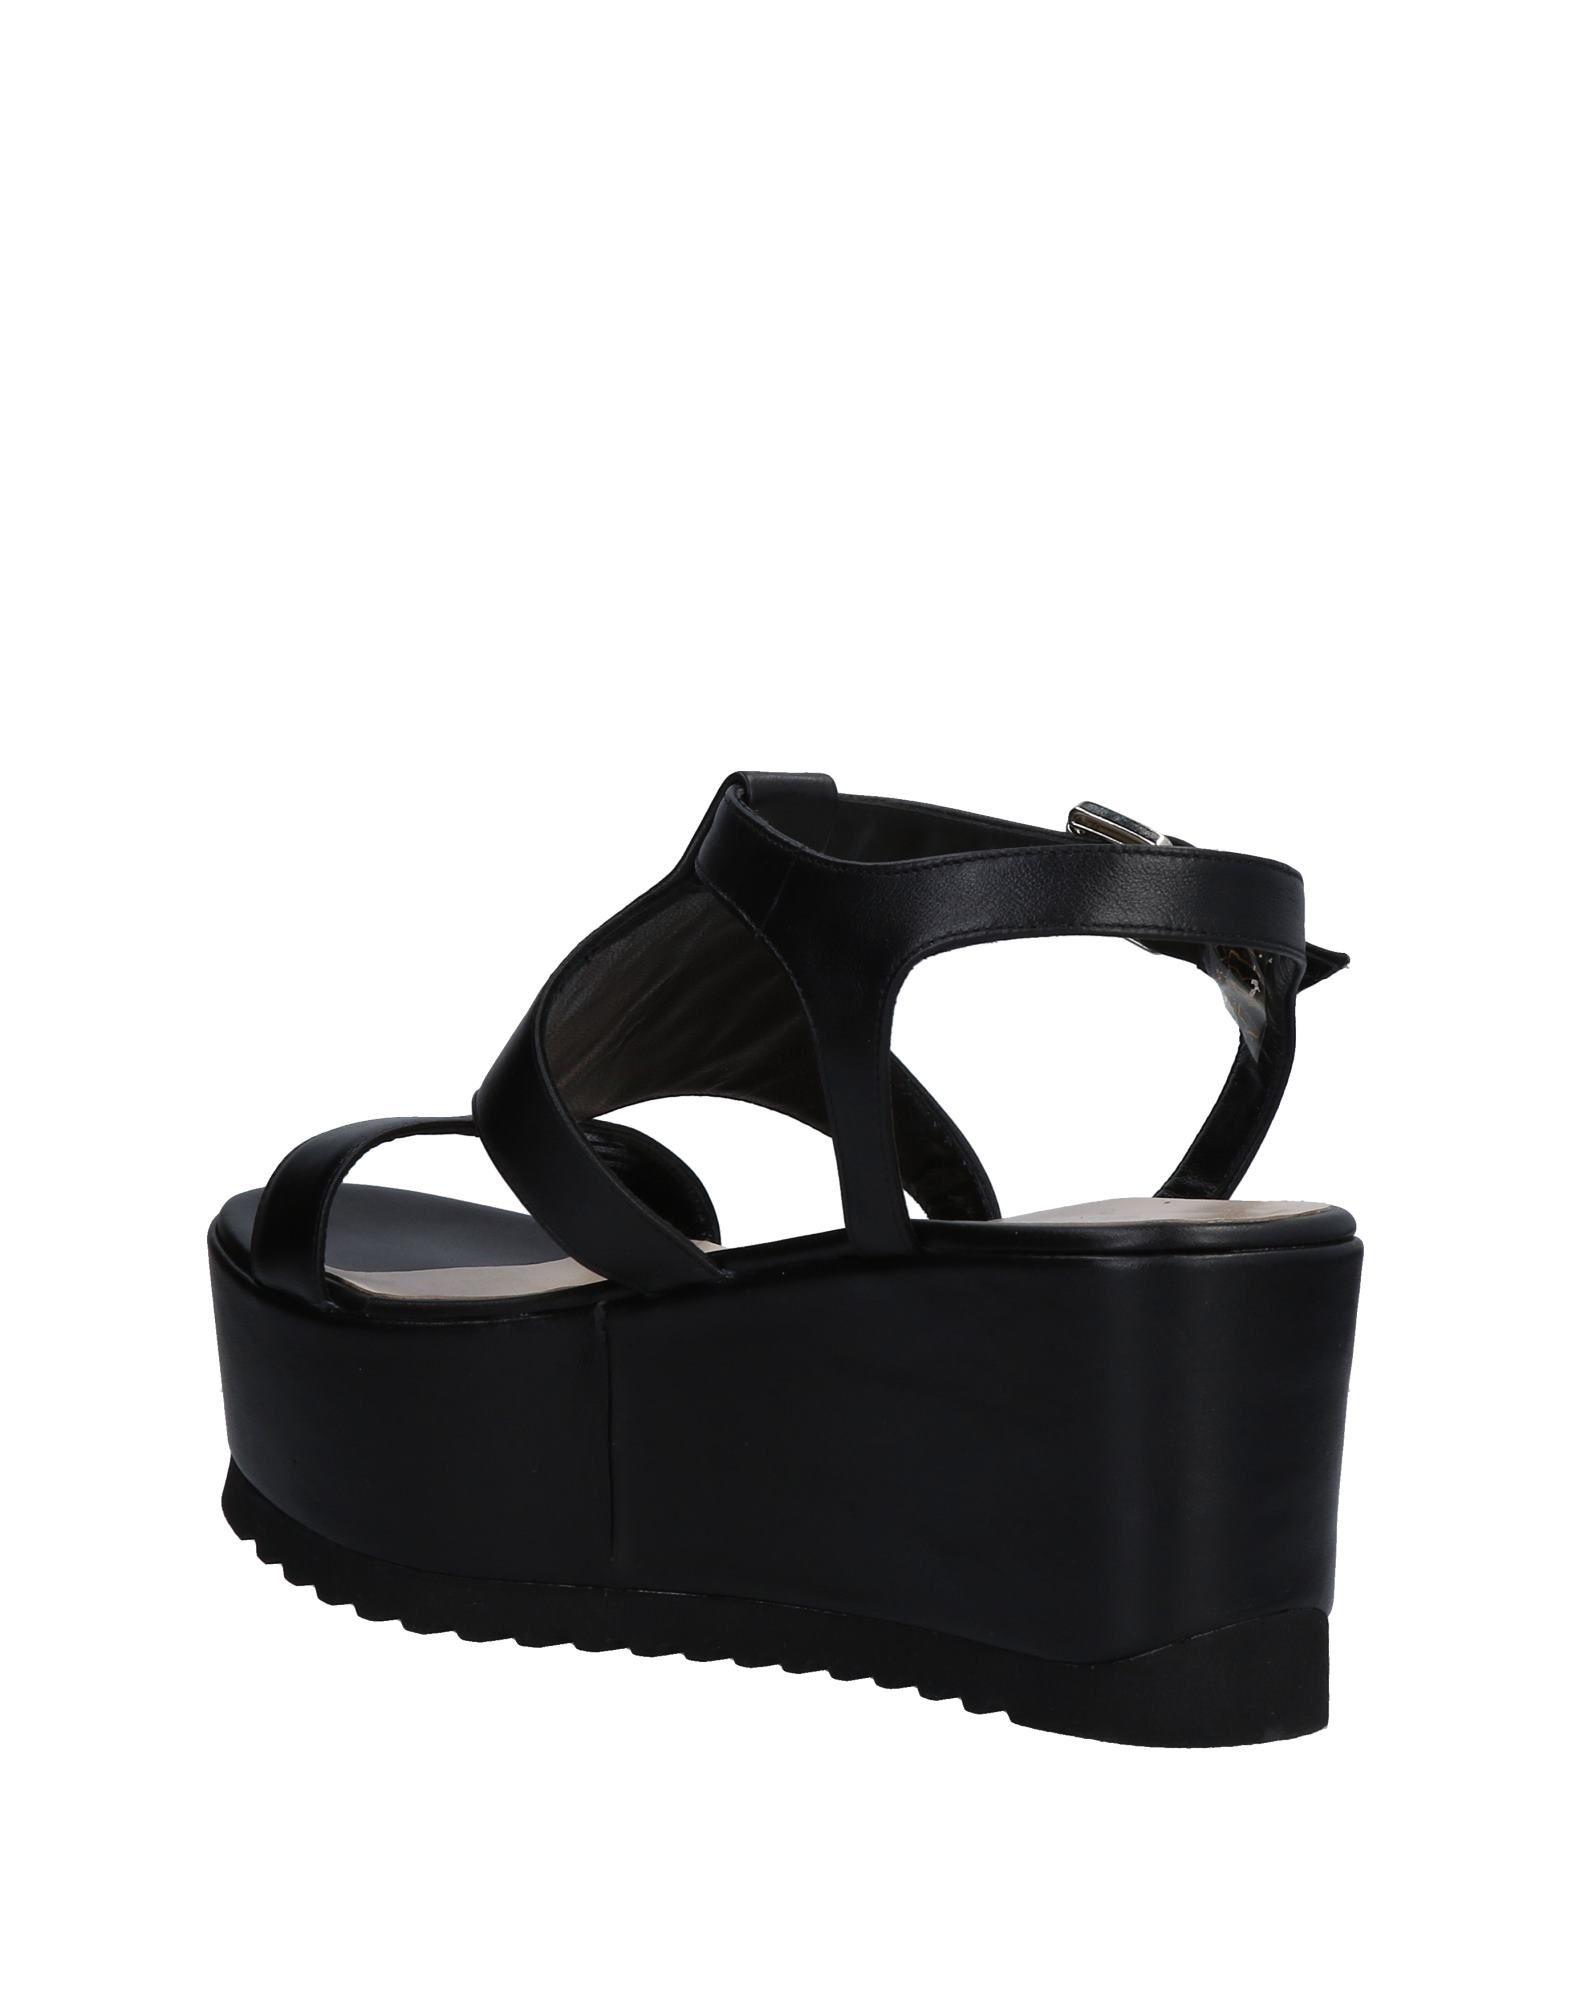 Anteprima Sandalen Qualität Damen  11471199SP Gute Qualität Sandalen beliebte Schuhe 1dda59